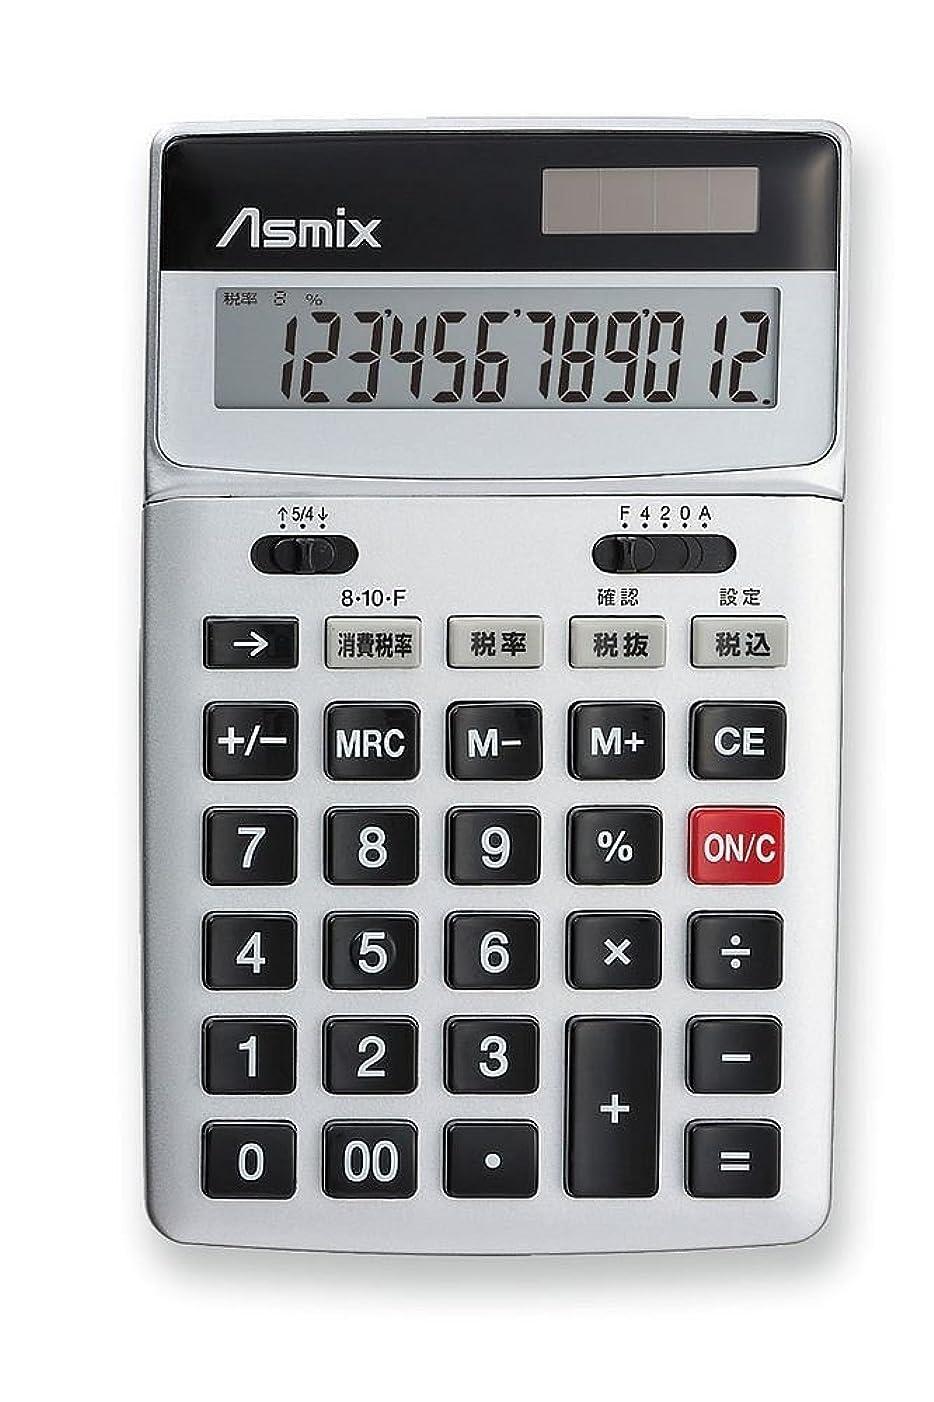 宅配便悲惨ラフ睡眠アスカ 電卓 消費税率切替ボタンつき 12桁 チルトあり シルバー C1236S 【まとめ買い3台セット】